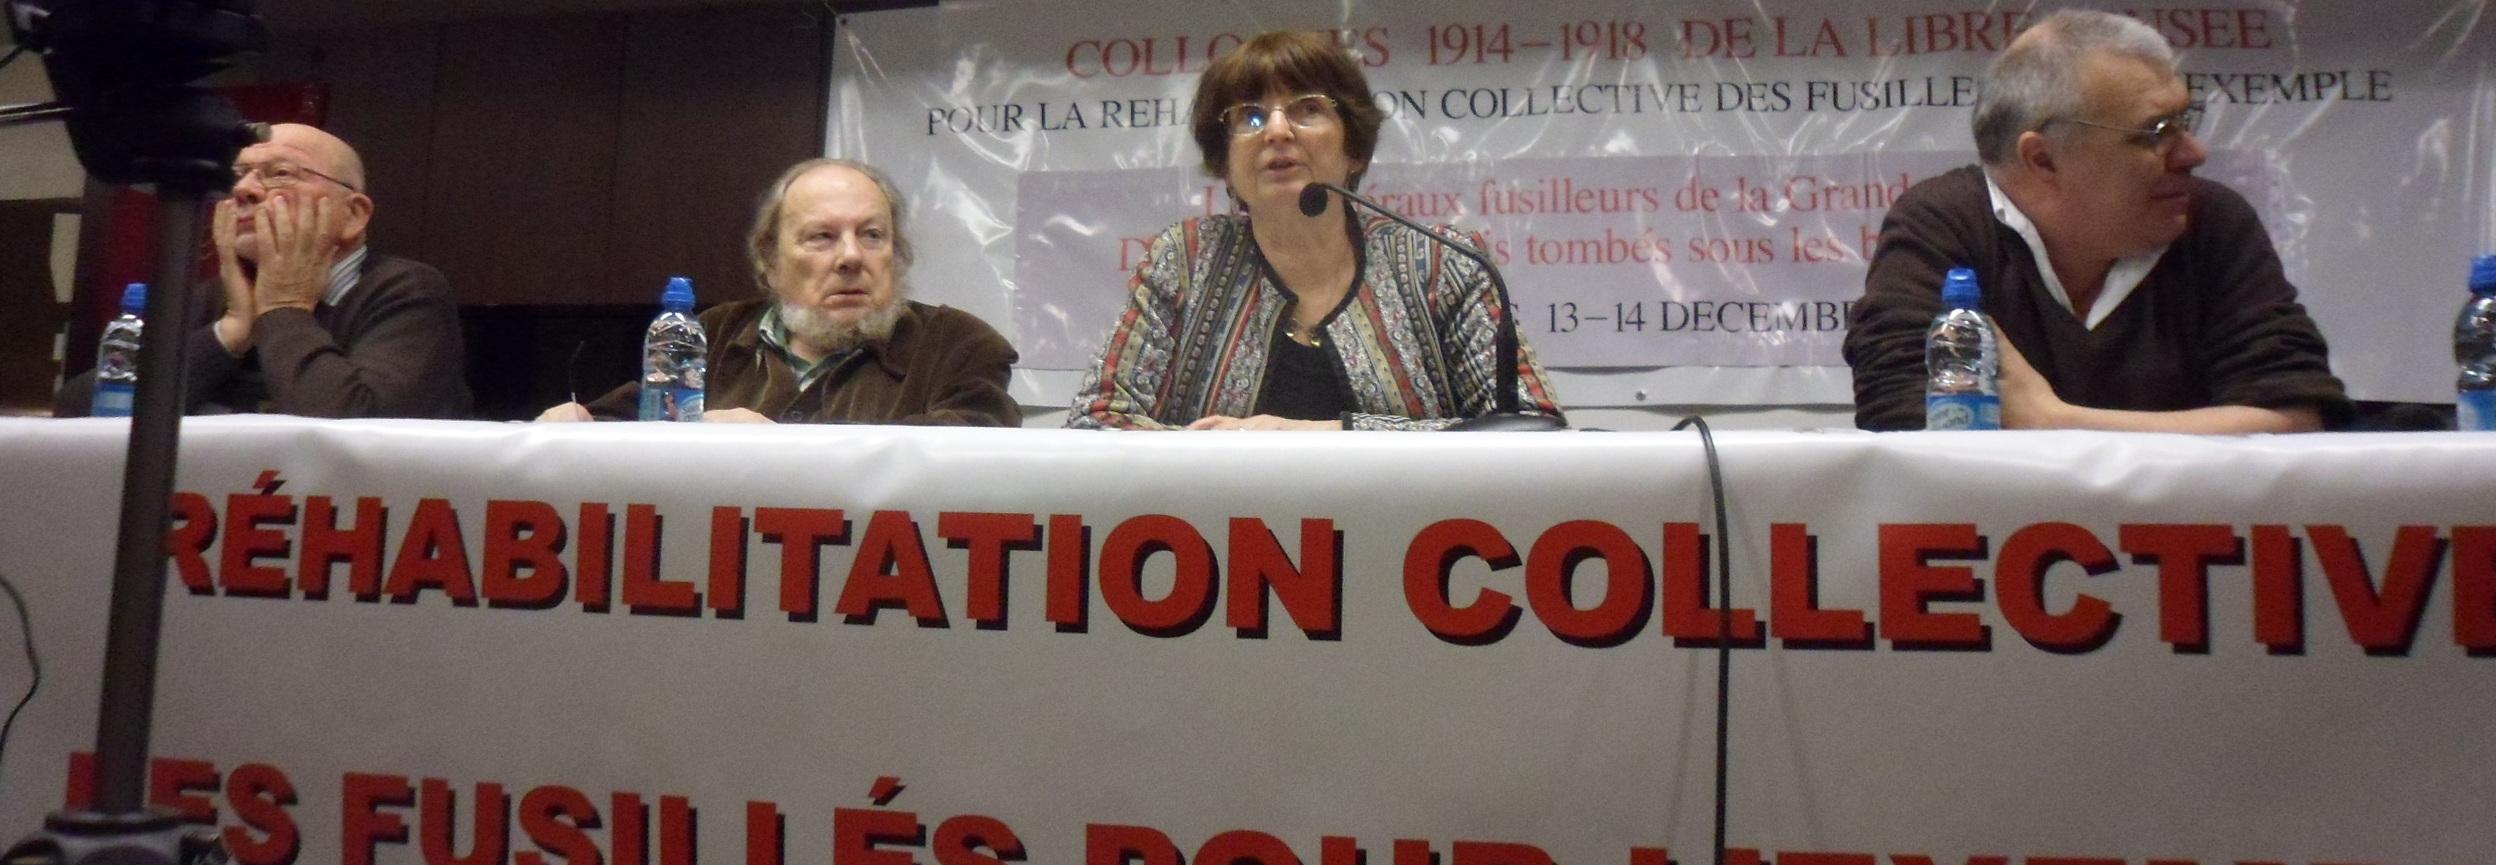 Colloque de Soissons décembre 2014